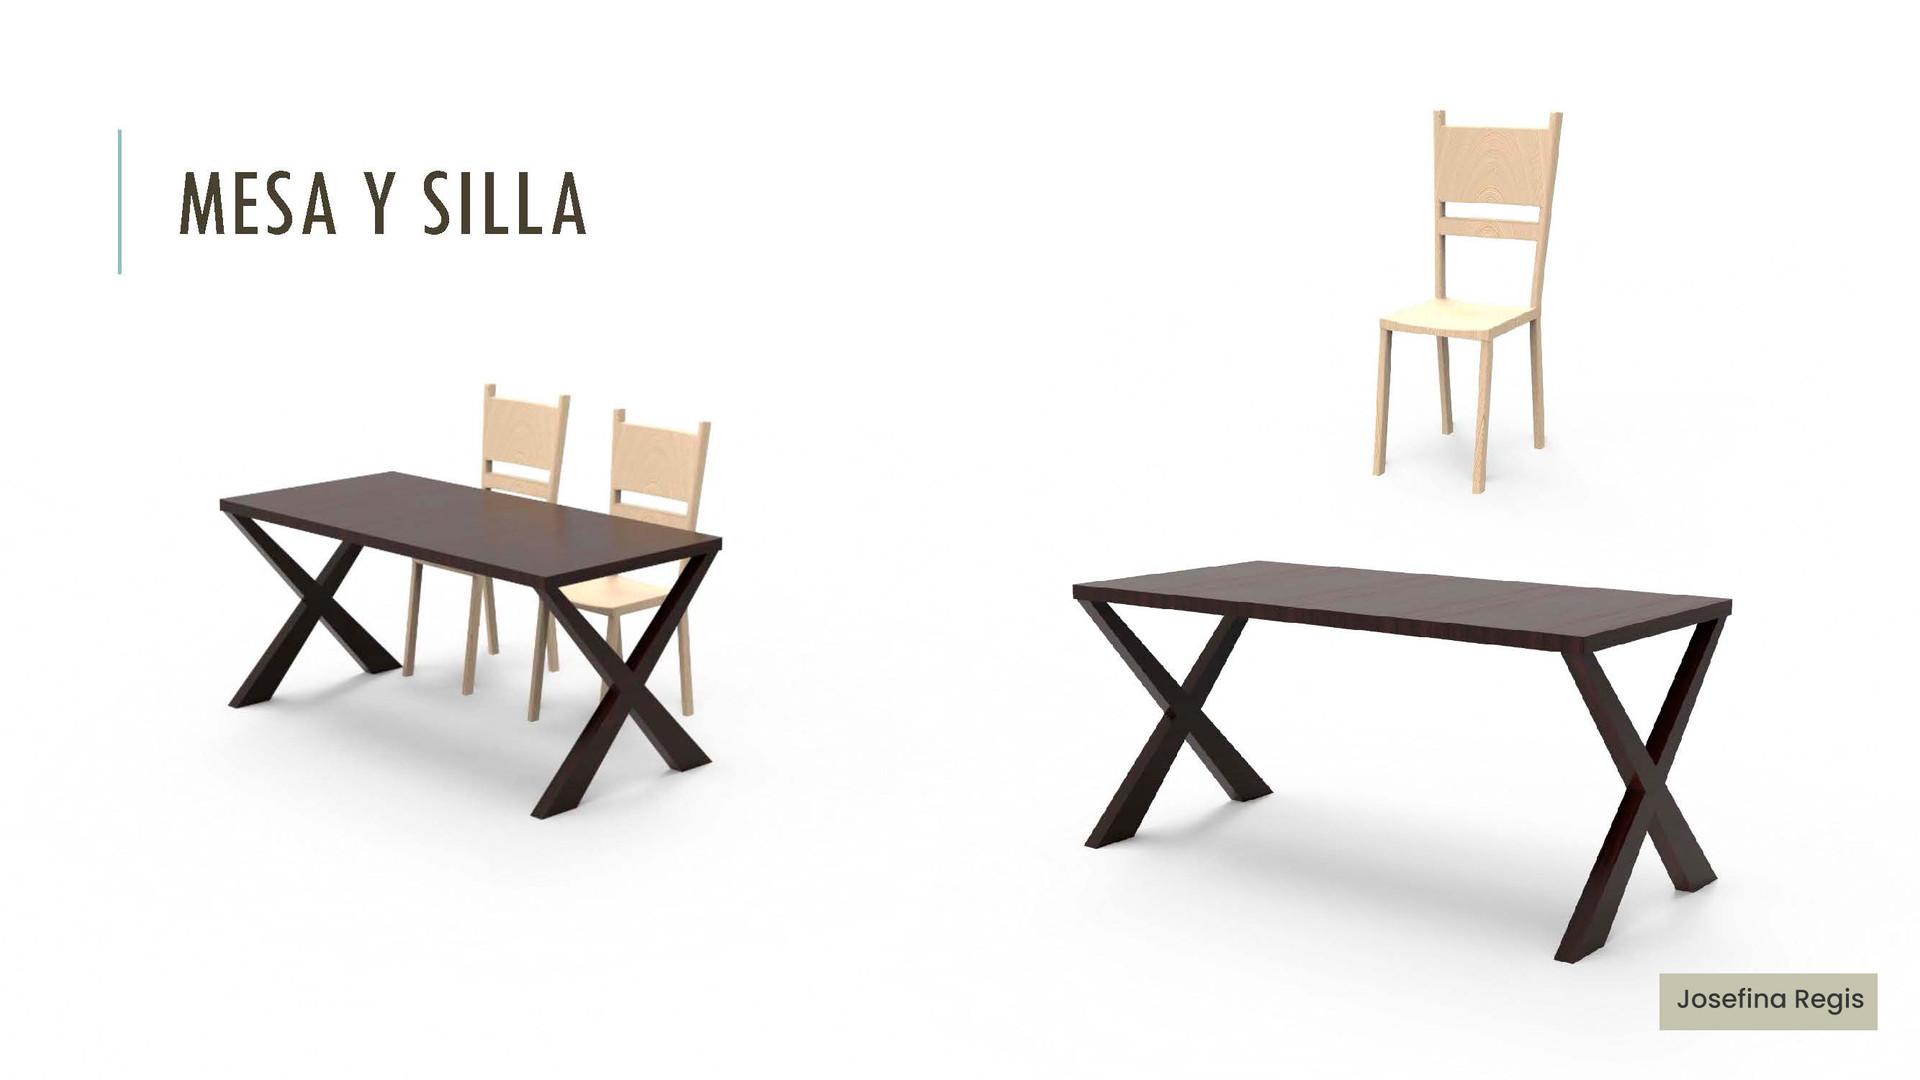 Taller de muebles_Página_3.jpg